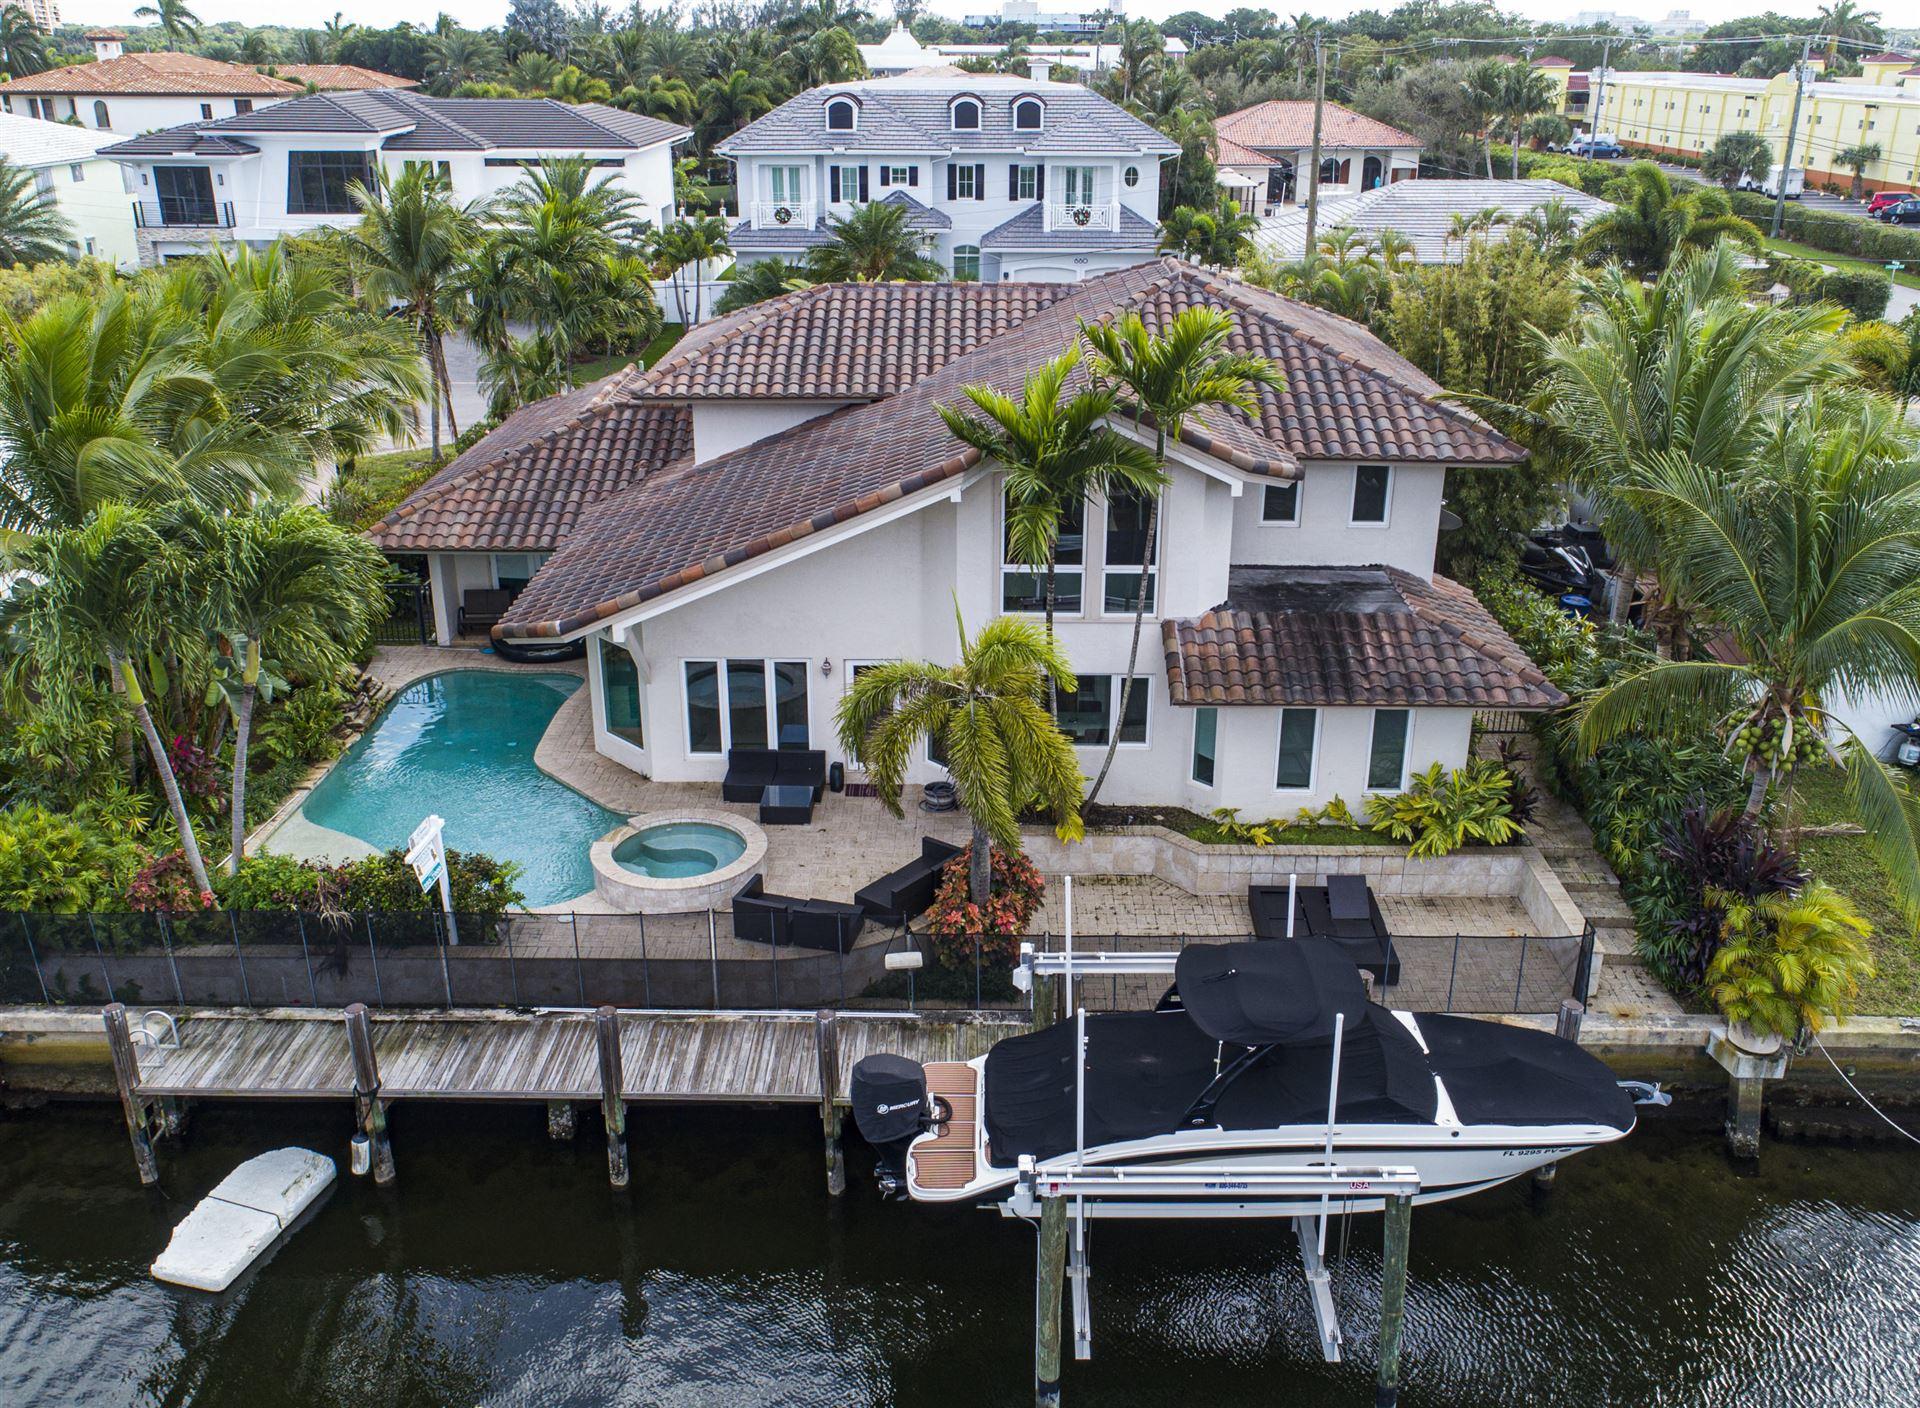 661 NE Lakeview Terrace, Boca Raton, FL 33431 - #: RX-10587997